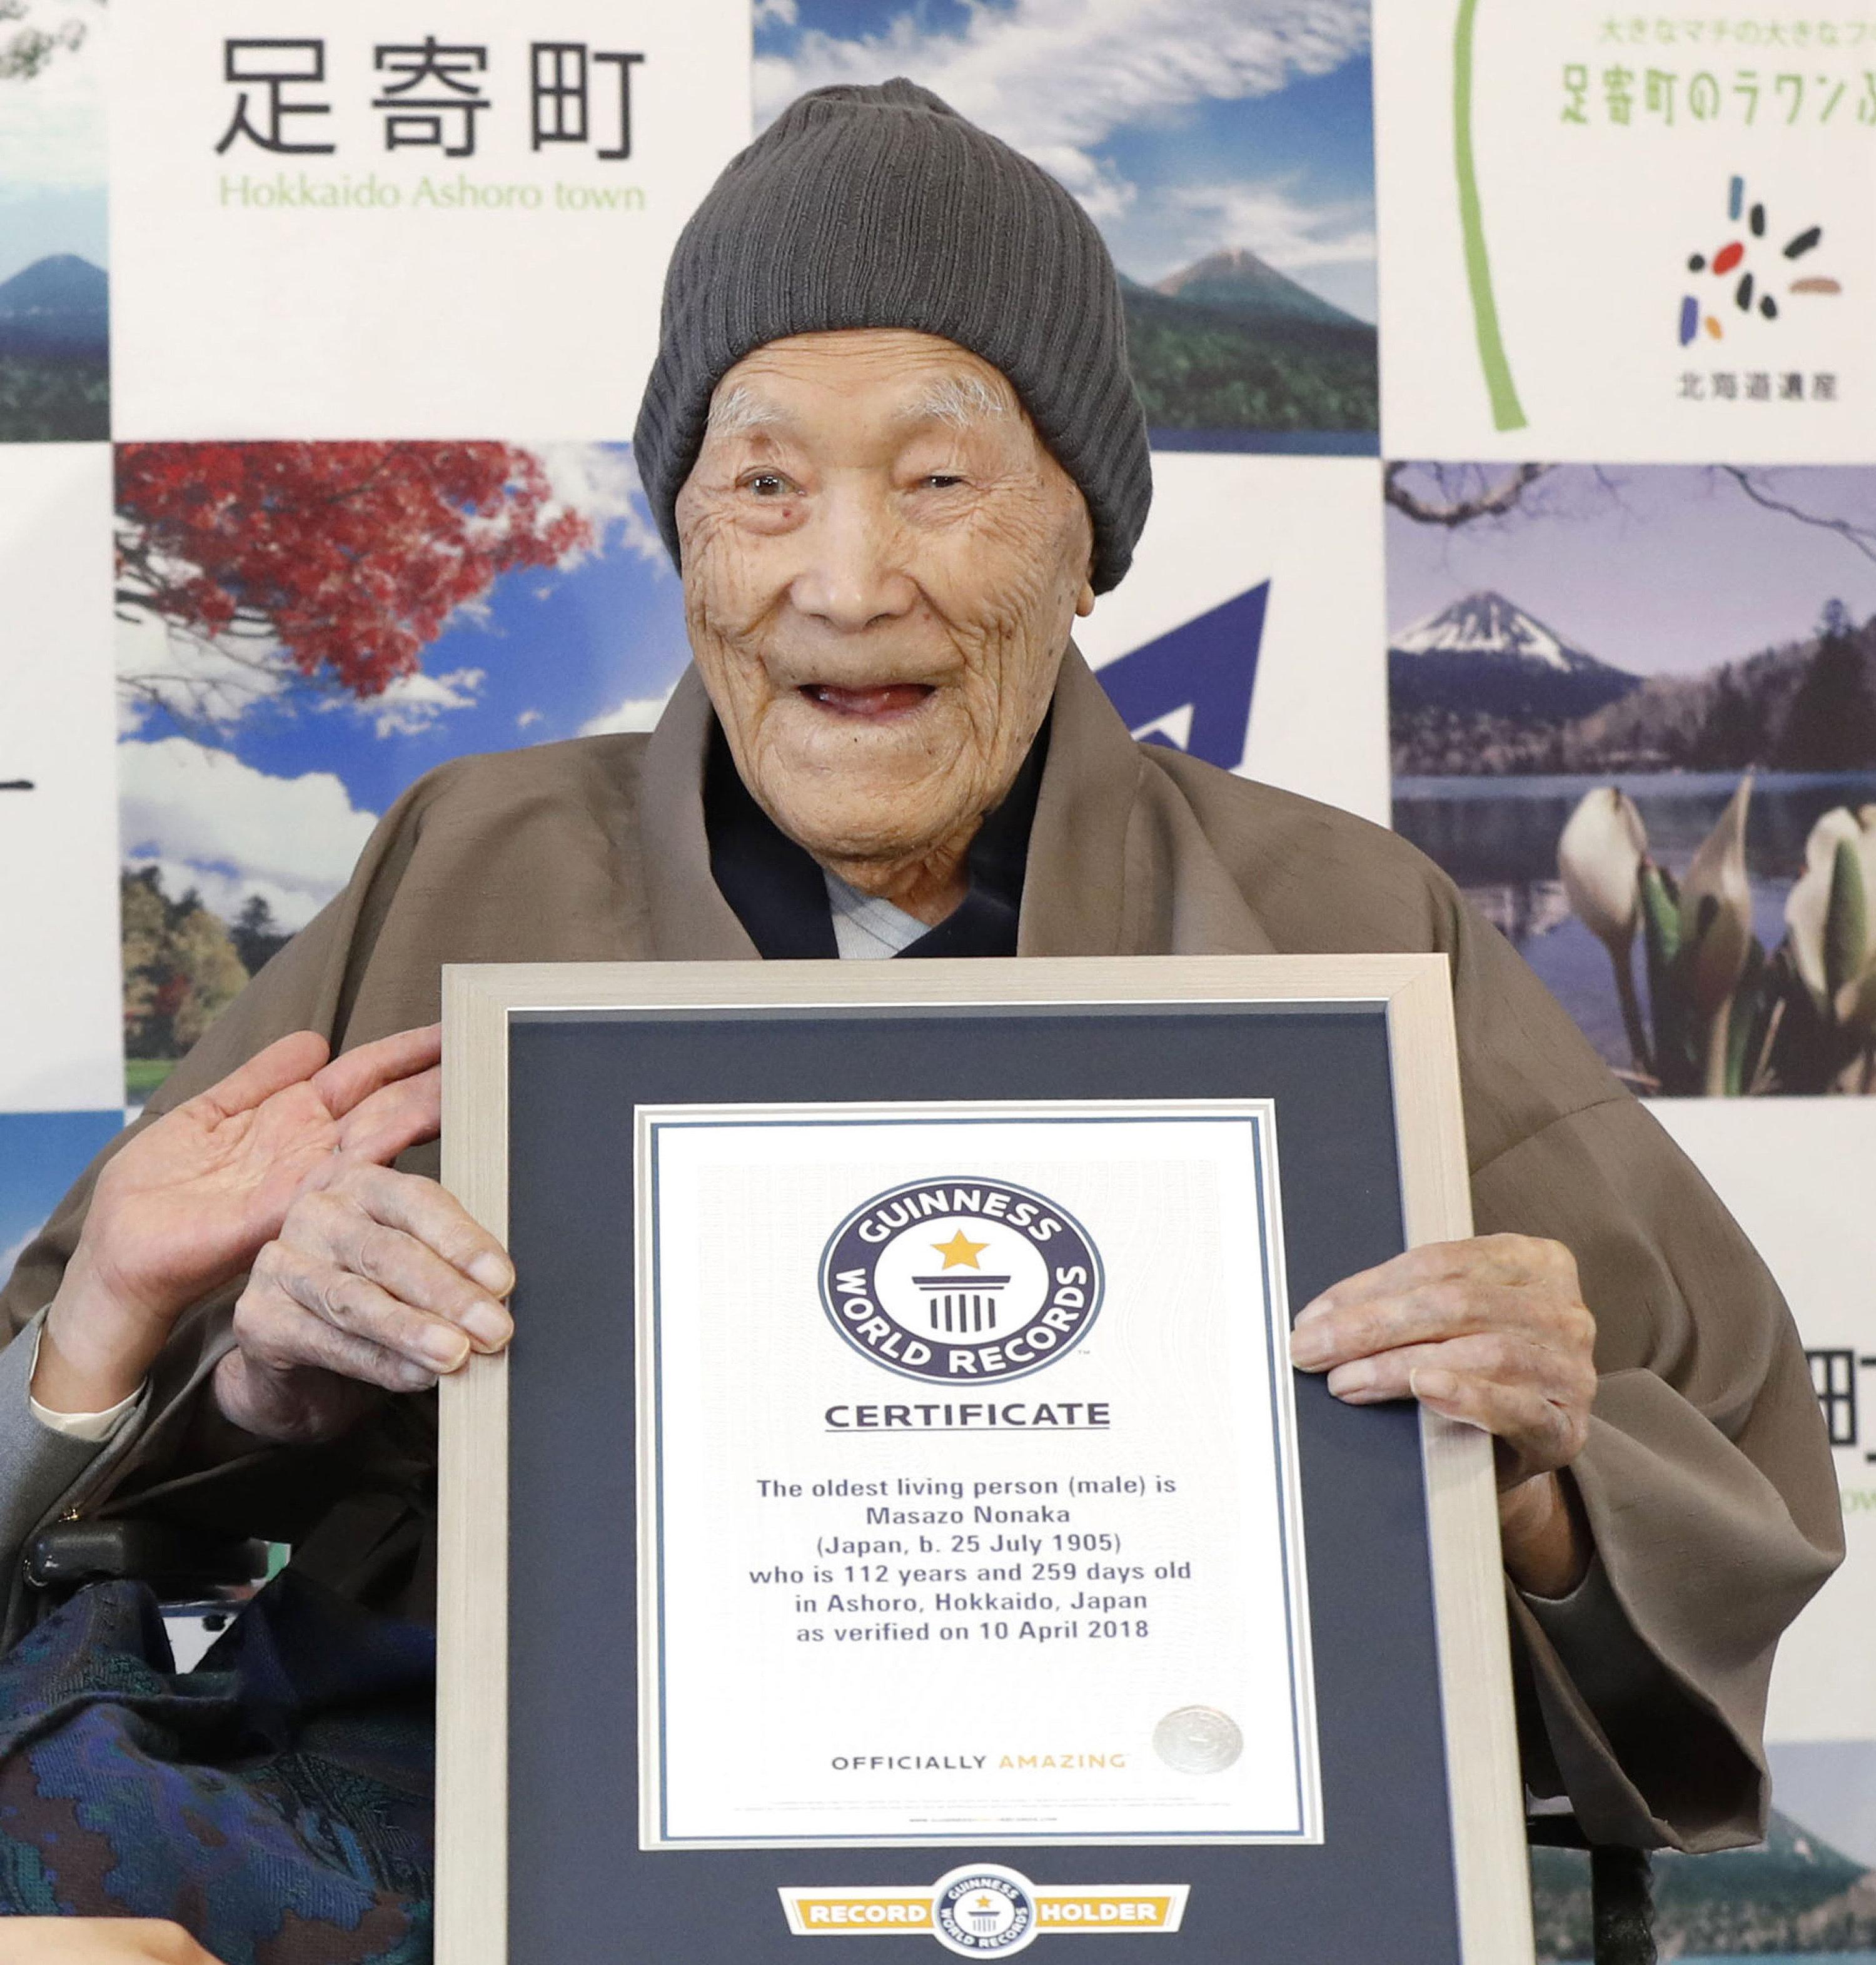 Πέθανε σε ηλικία 113 ετών ο γηραιότερος άνδρας στον